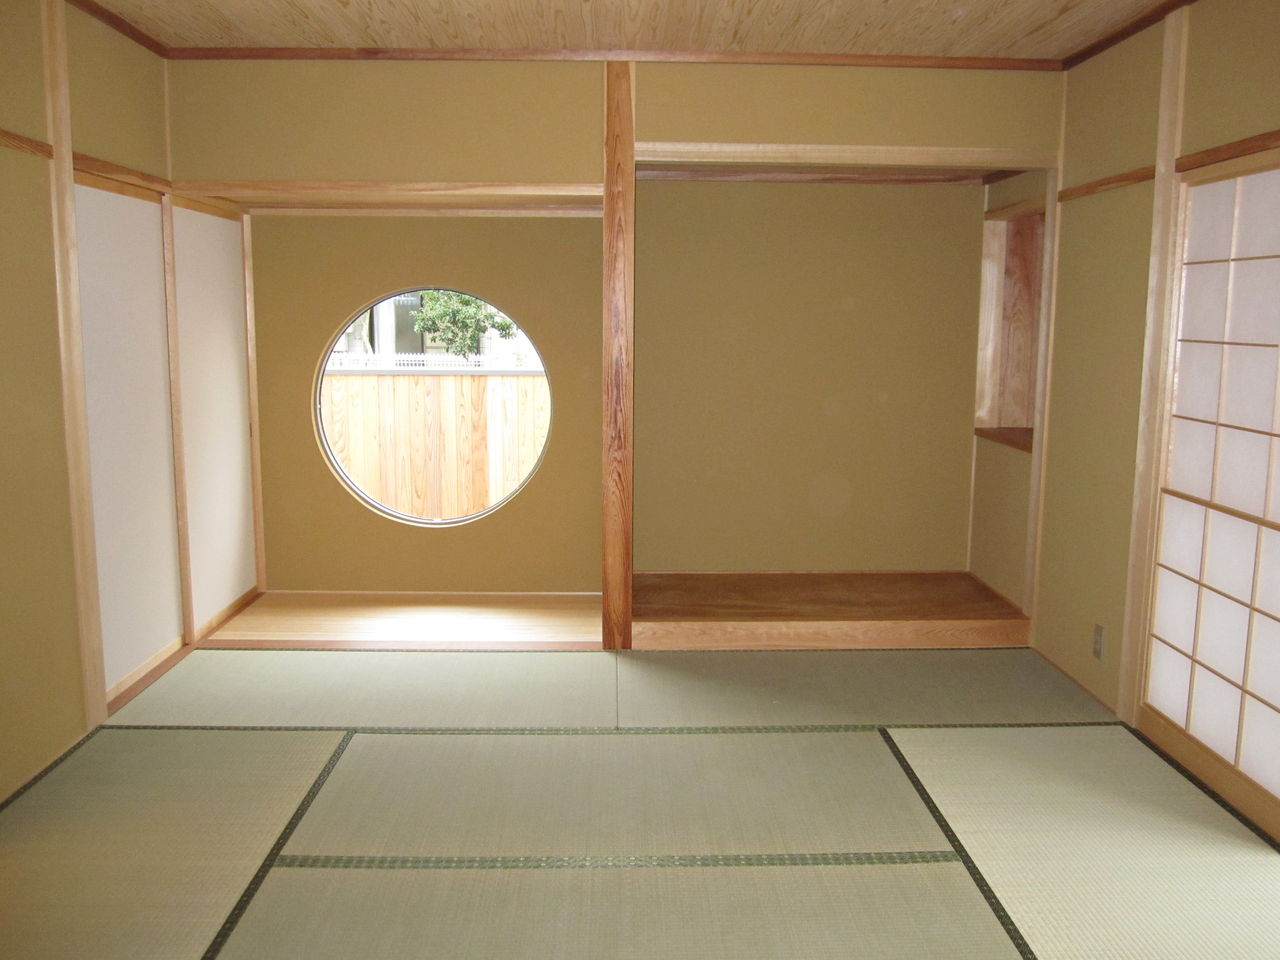 和室壁紙 インテリア館セレス のブログ